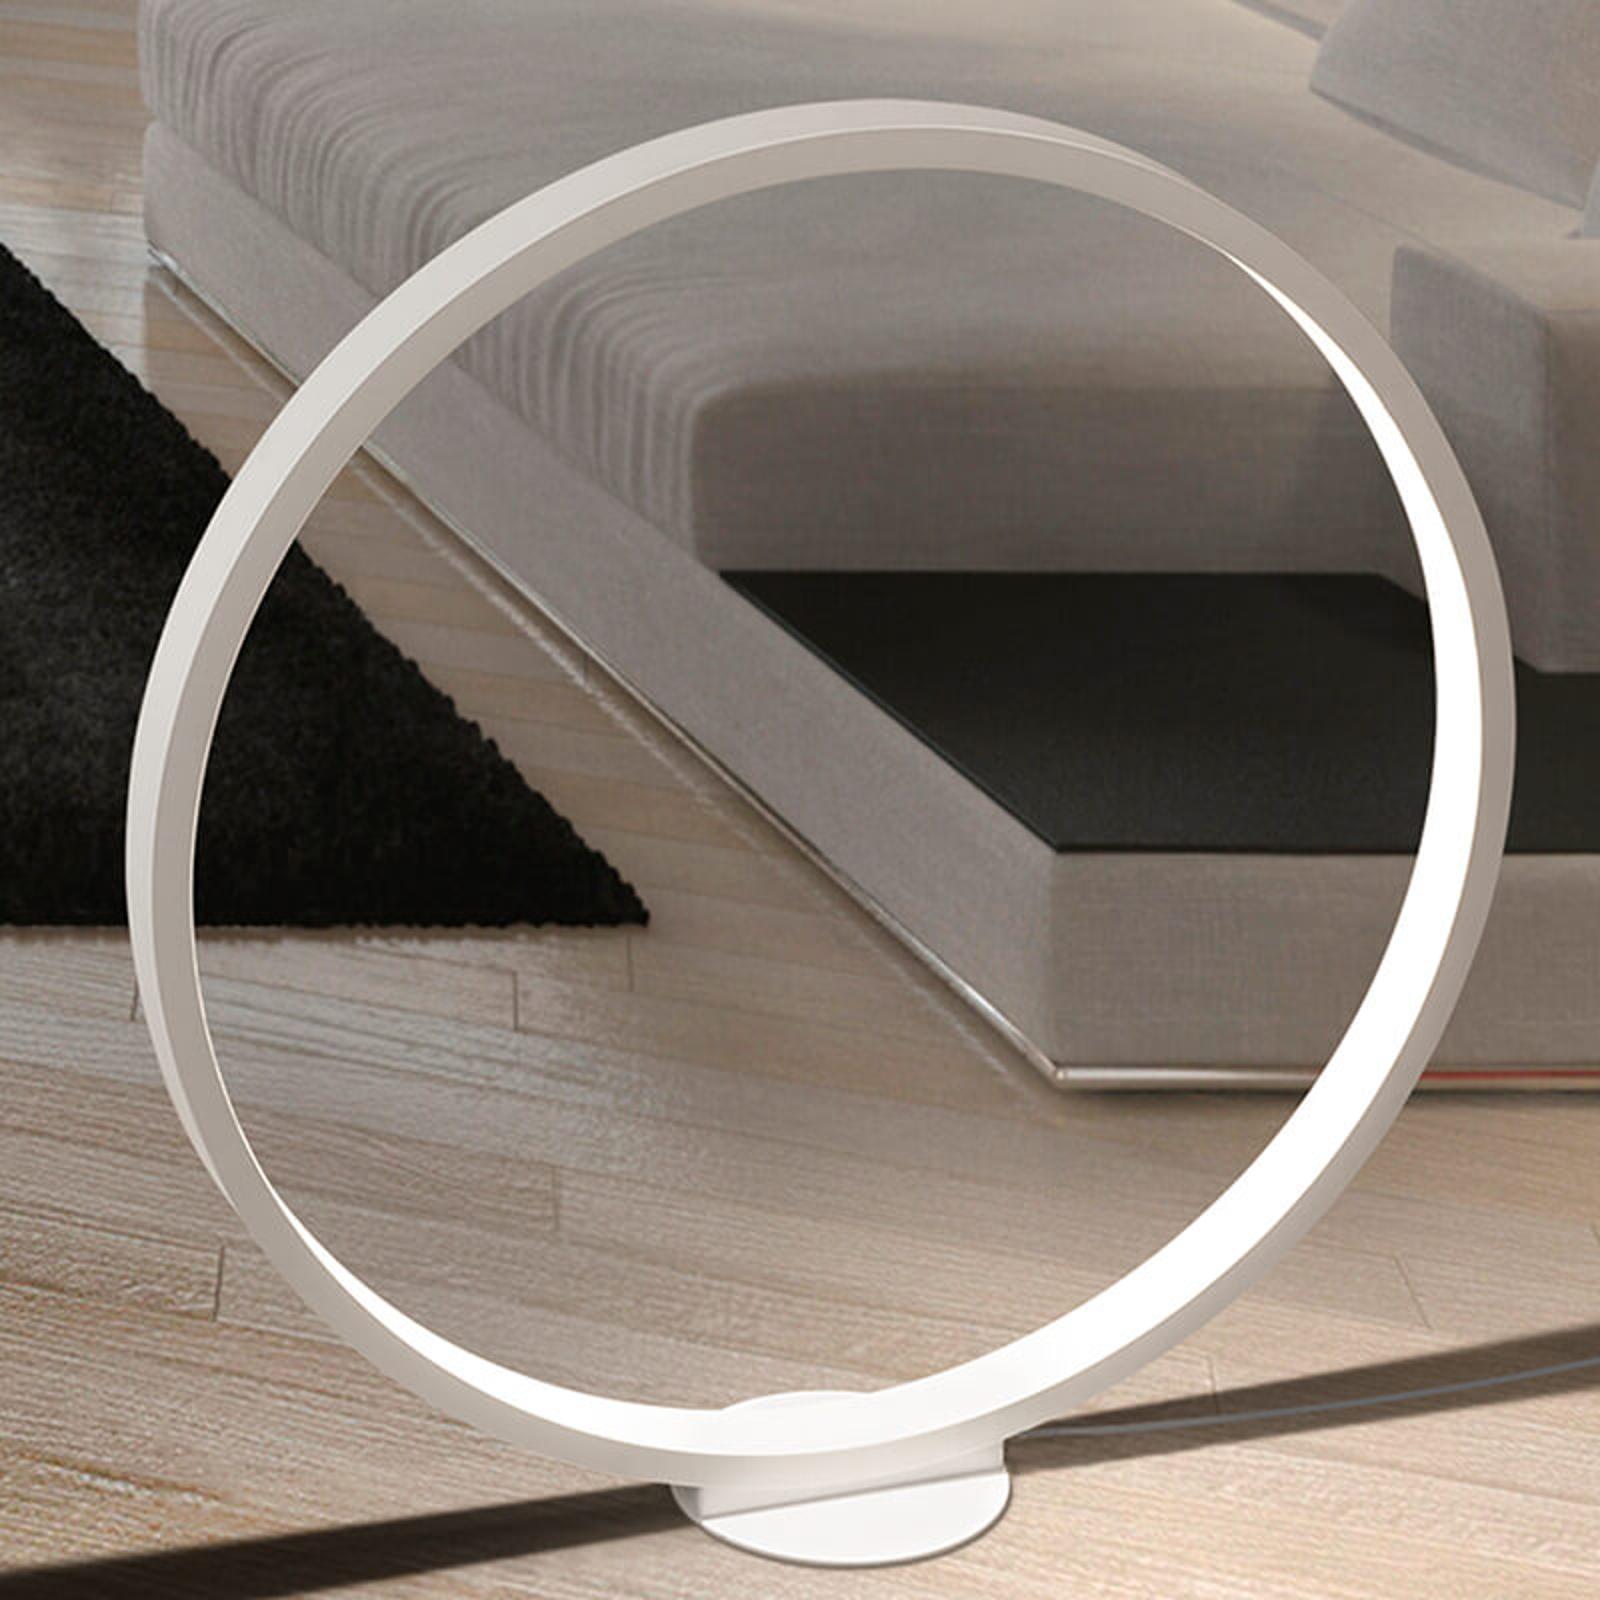 Lampa podłogowa Assolo, pierścień, 70 cm